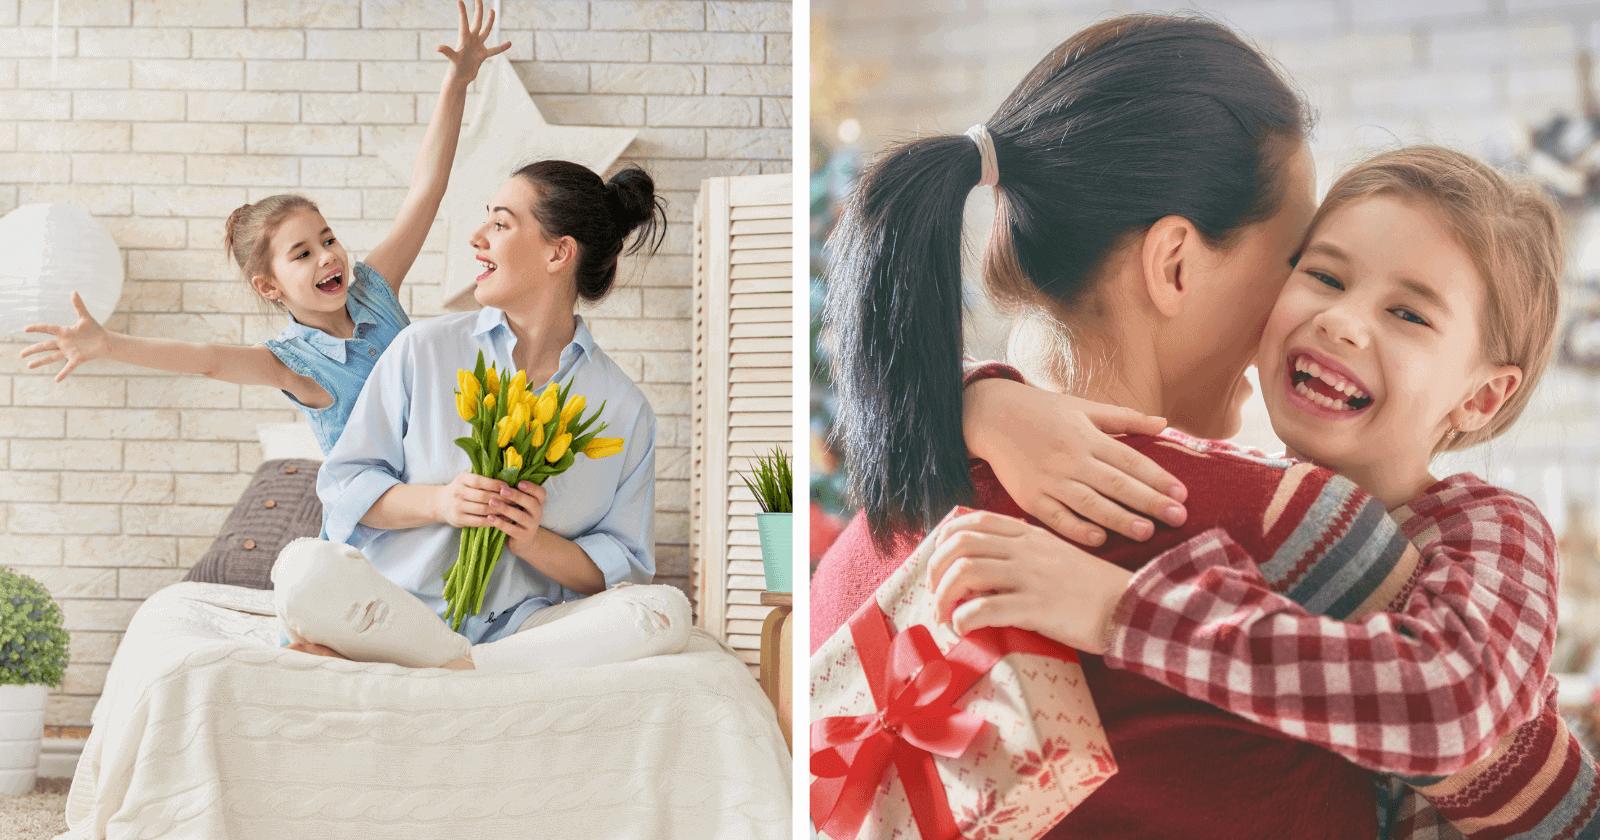 57 Frases de Aniversário de Filha para Mãe: amor em forma de homenagem!